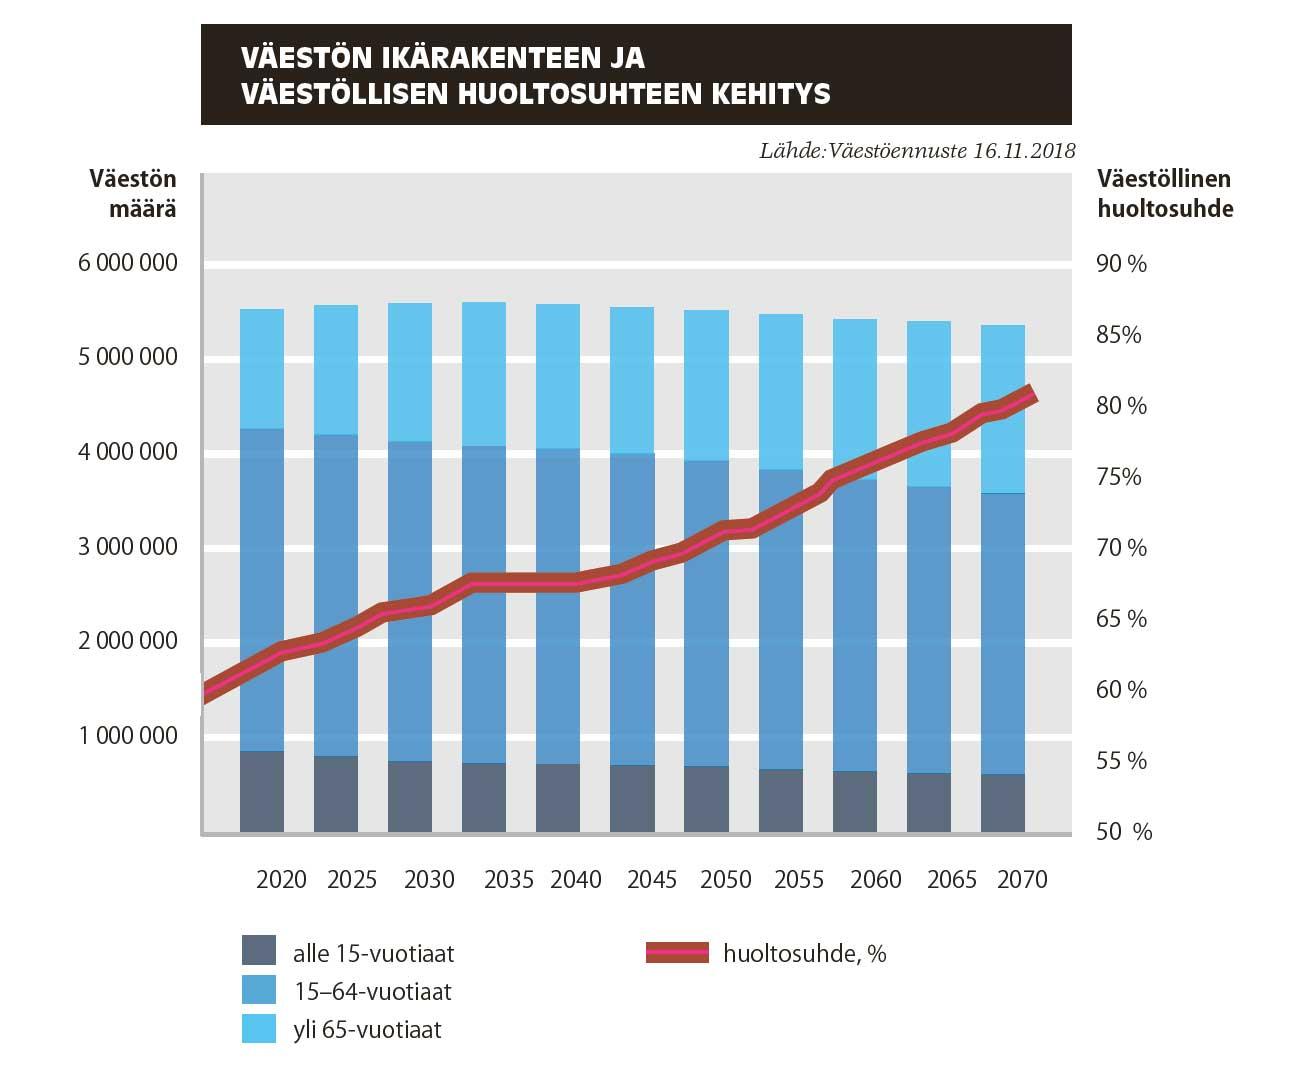 Väestön ikärakenteen ja väestöllisen huoltusuhteen kehitys